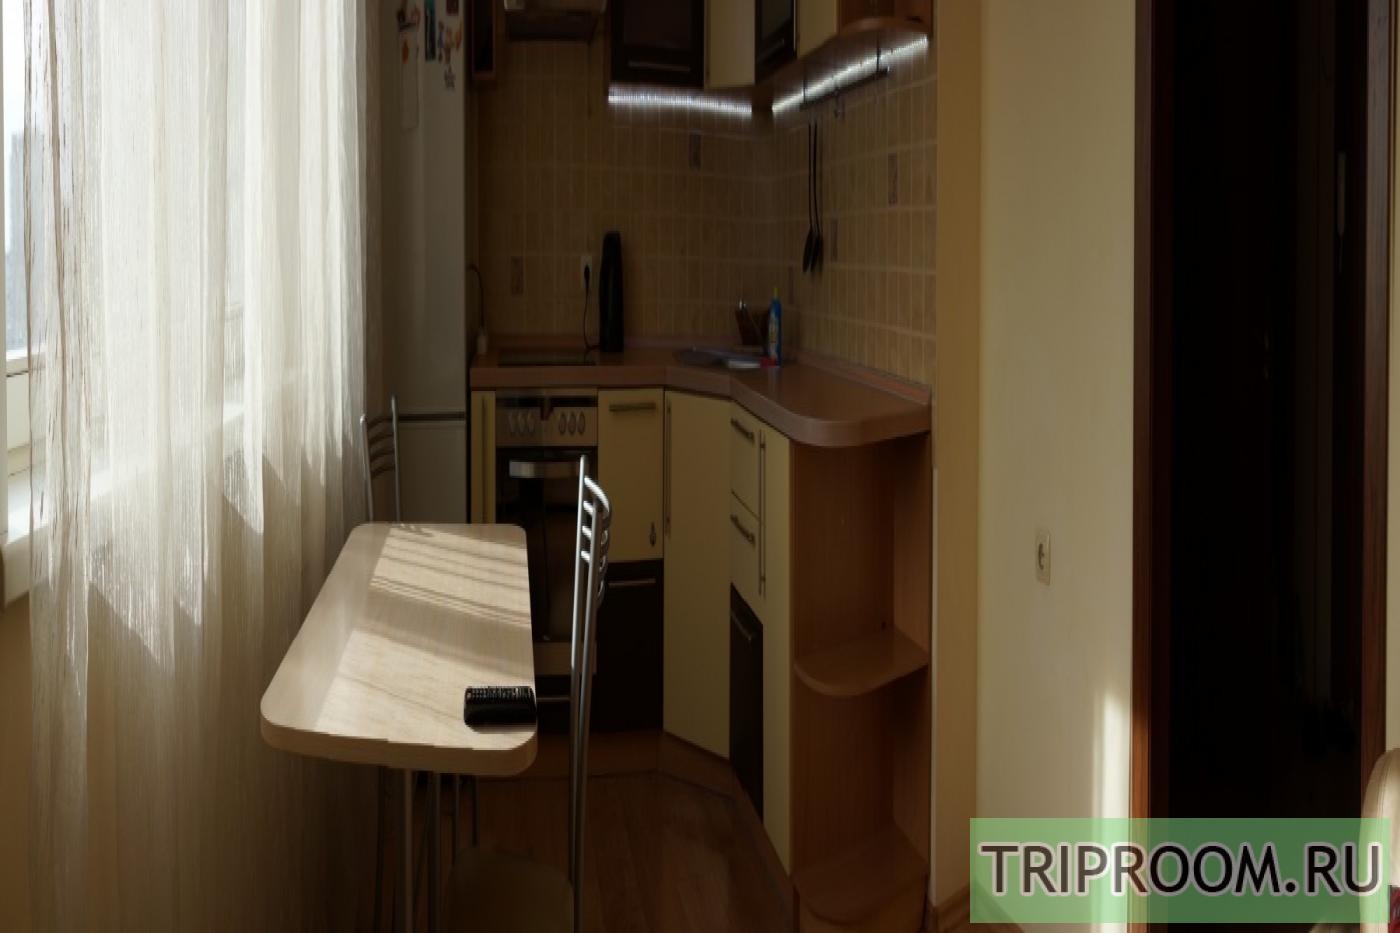 1-комнатная квартира посуточно (вариант № 23799), ул. Авиаторов улица, фото № 16